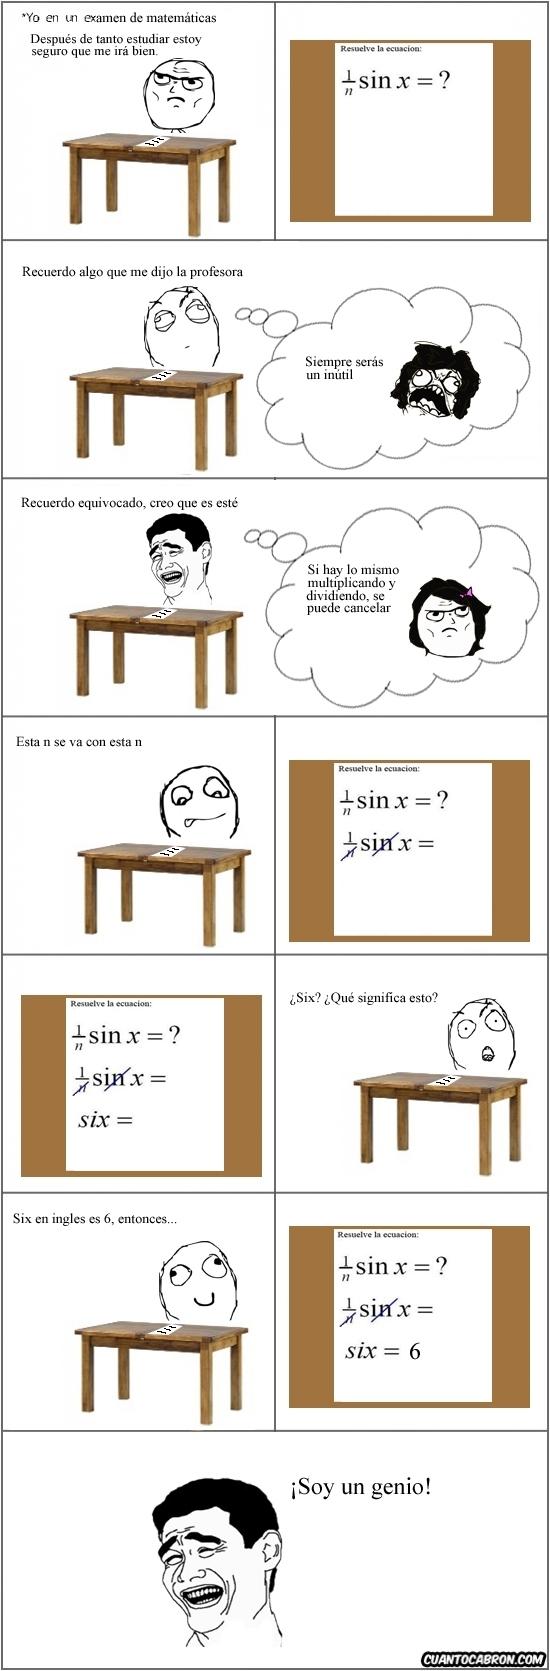 6,ecuacion,equivocado,examen,genio,matematicas,recuerdo,sin,six